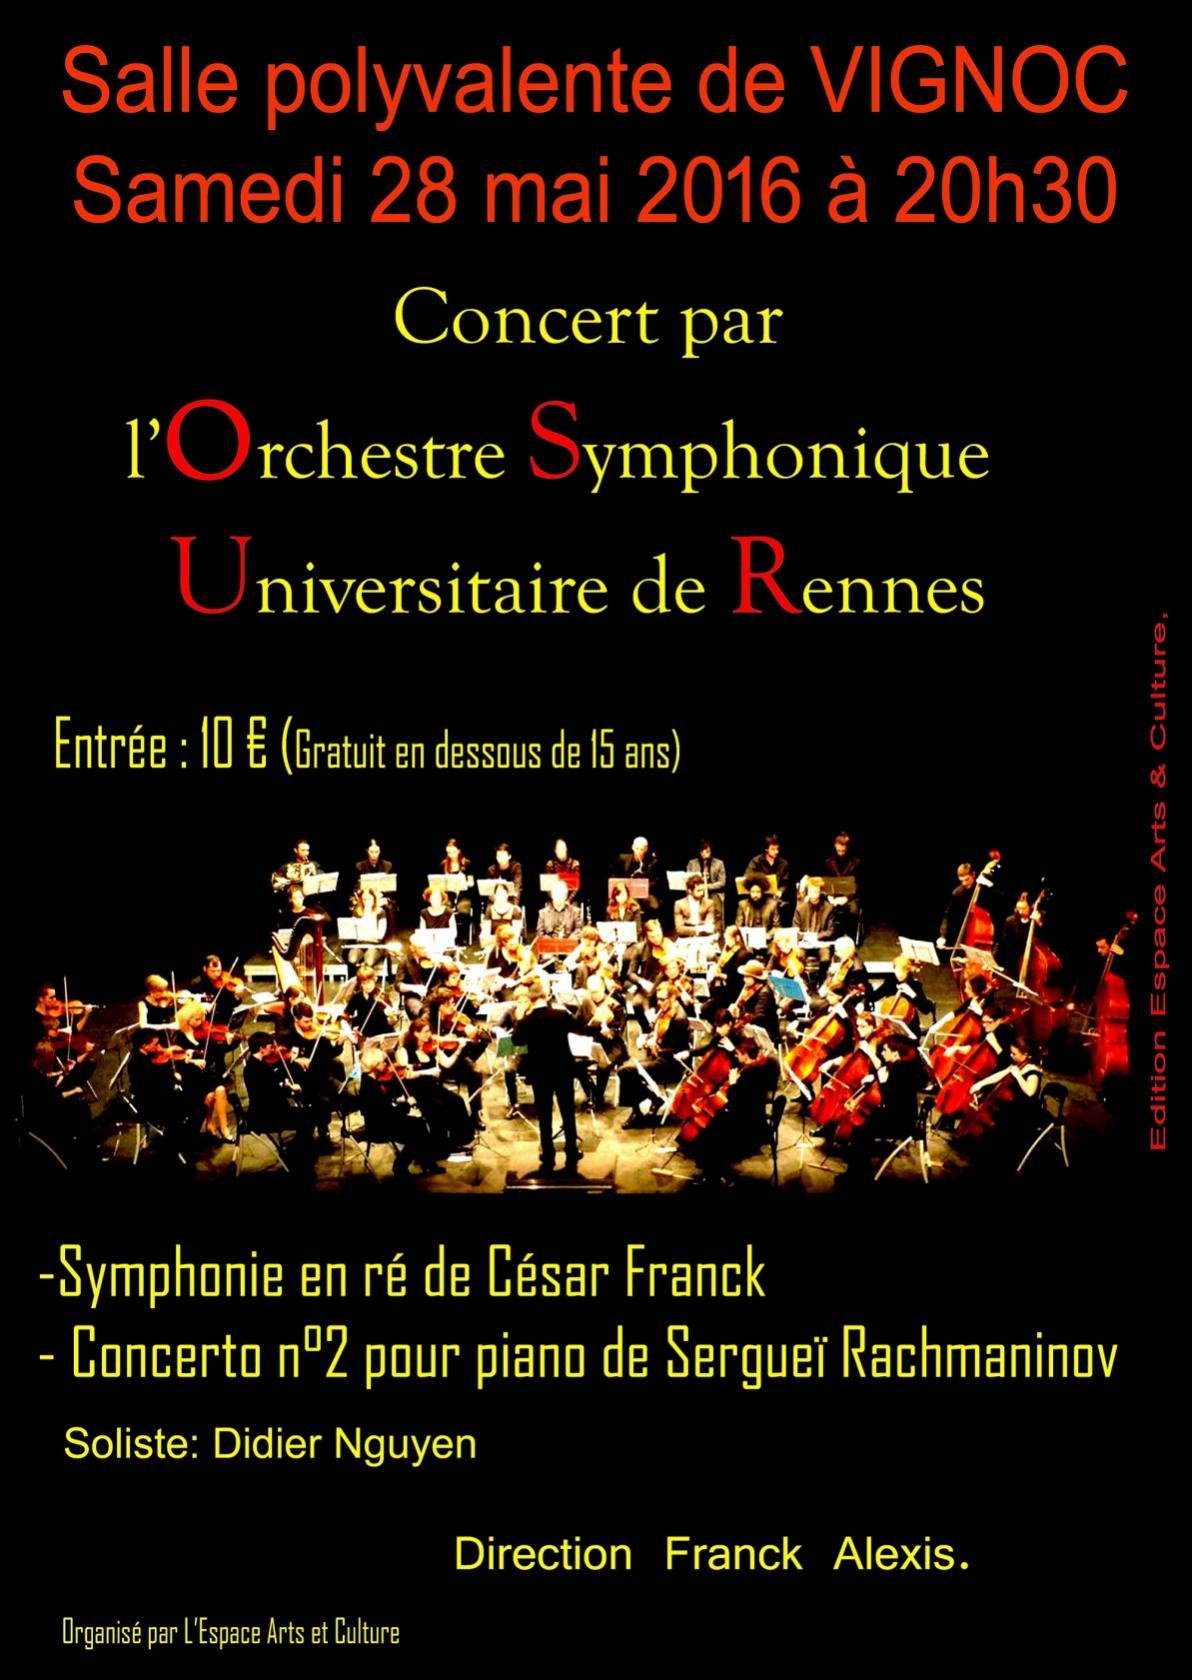 Concert de l'Orchestre universitaire de Rennes Vignoc